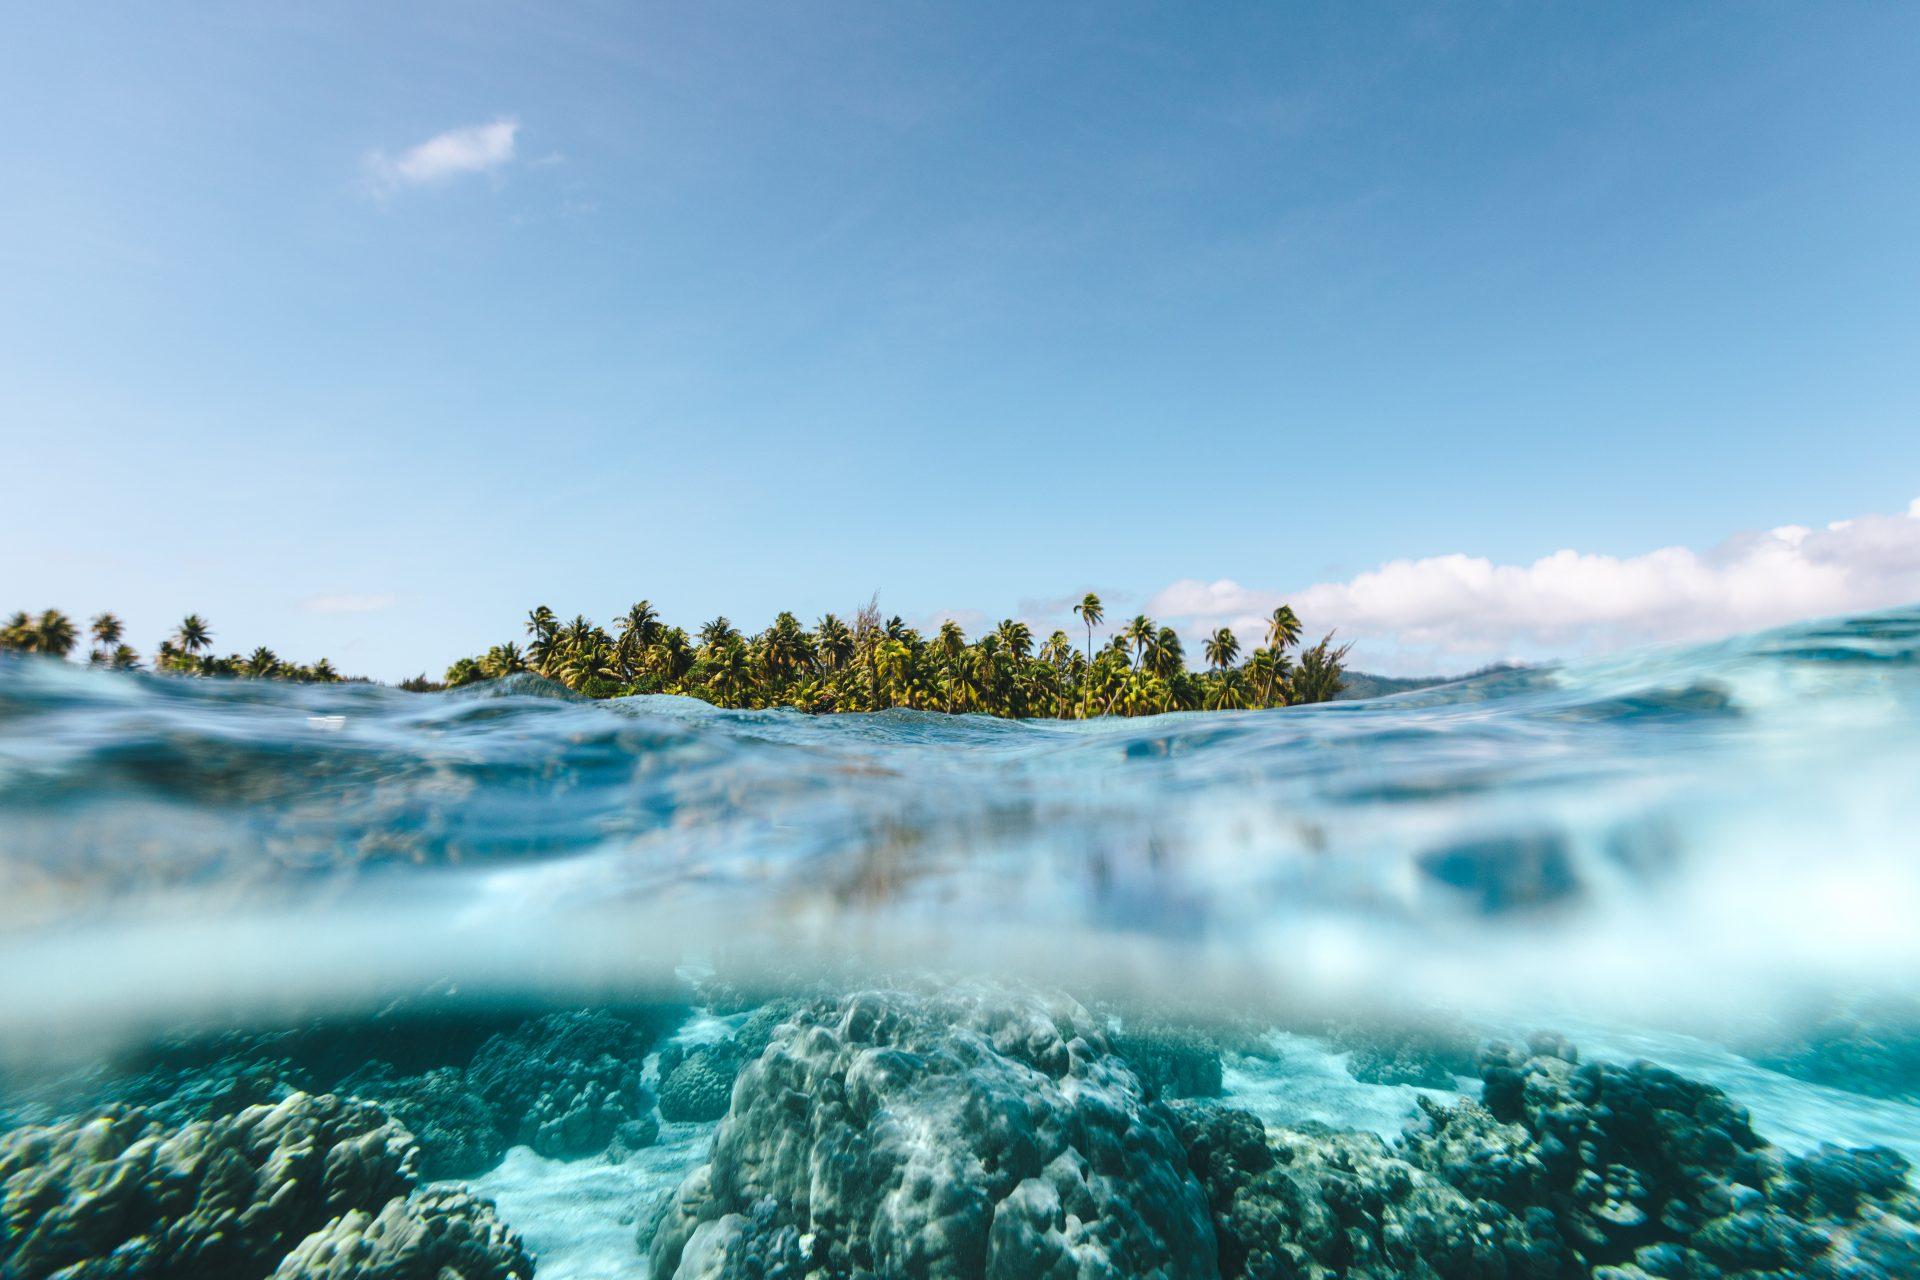 tahiti-islands-travel-bucket-list-hype